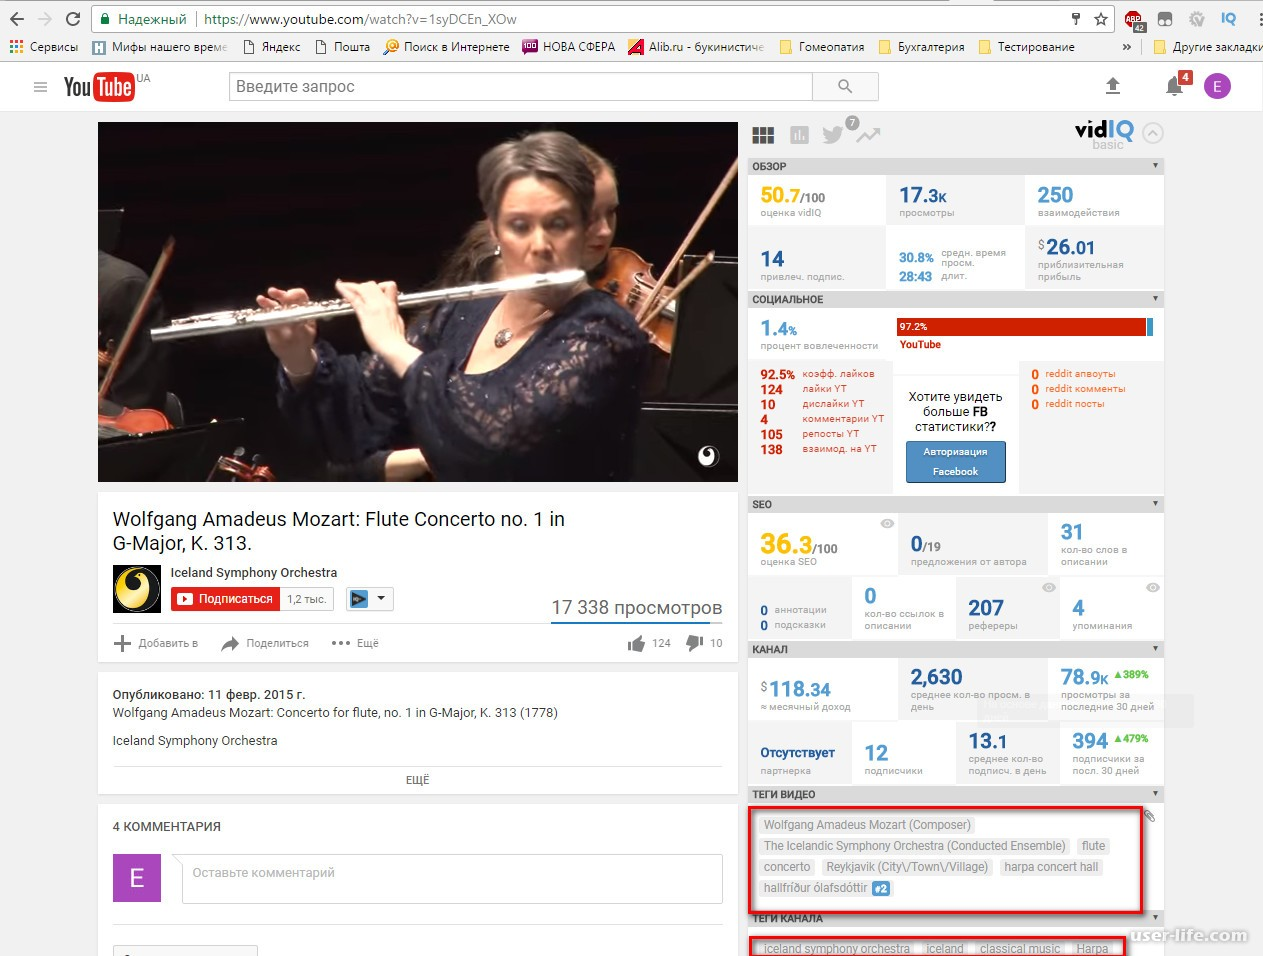 Как увеличить просмотр видео на youtube